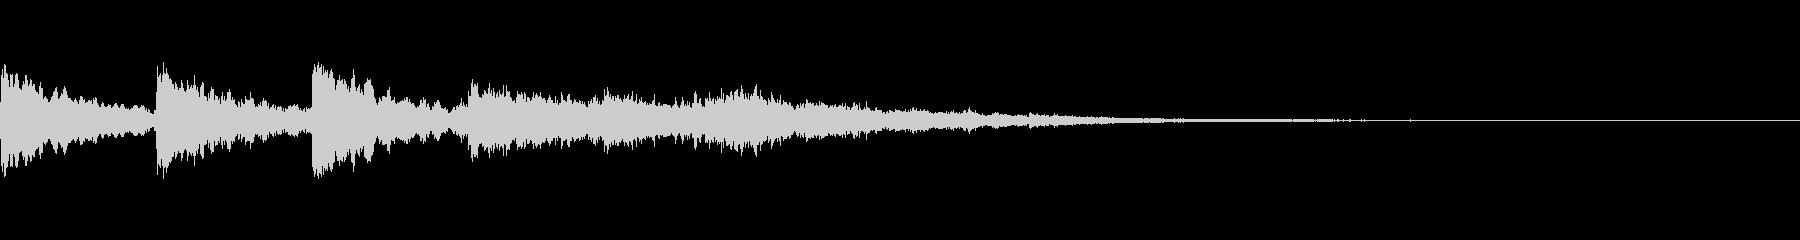 4連続テロップ表示音~0.7秒間隔~の未再生の波形